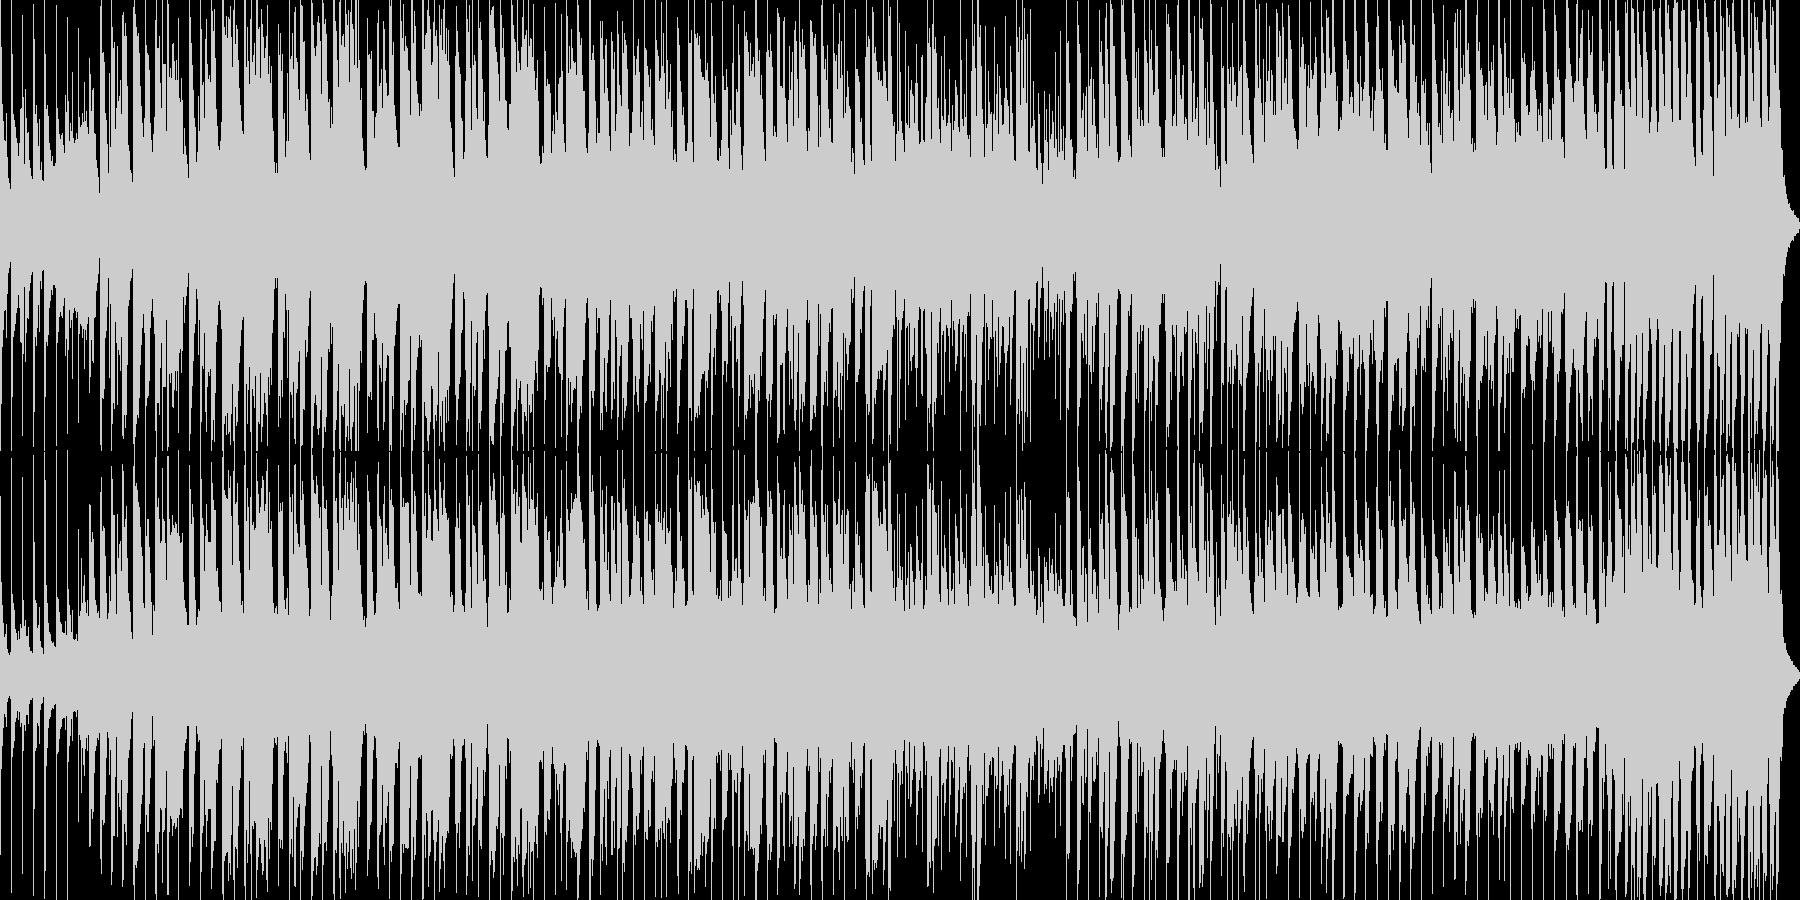 ノスタルジックで攻撃的の未再生の波形